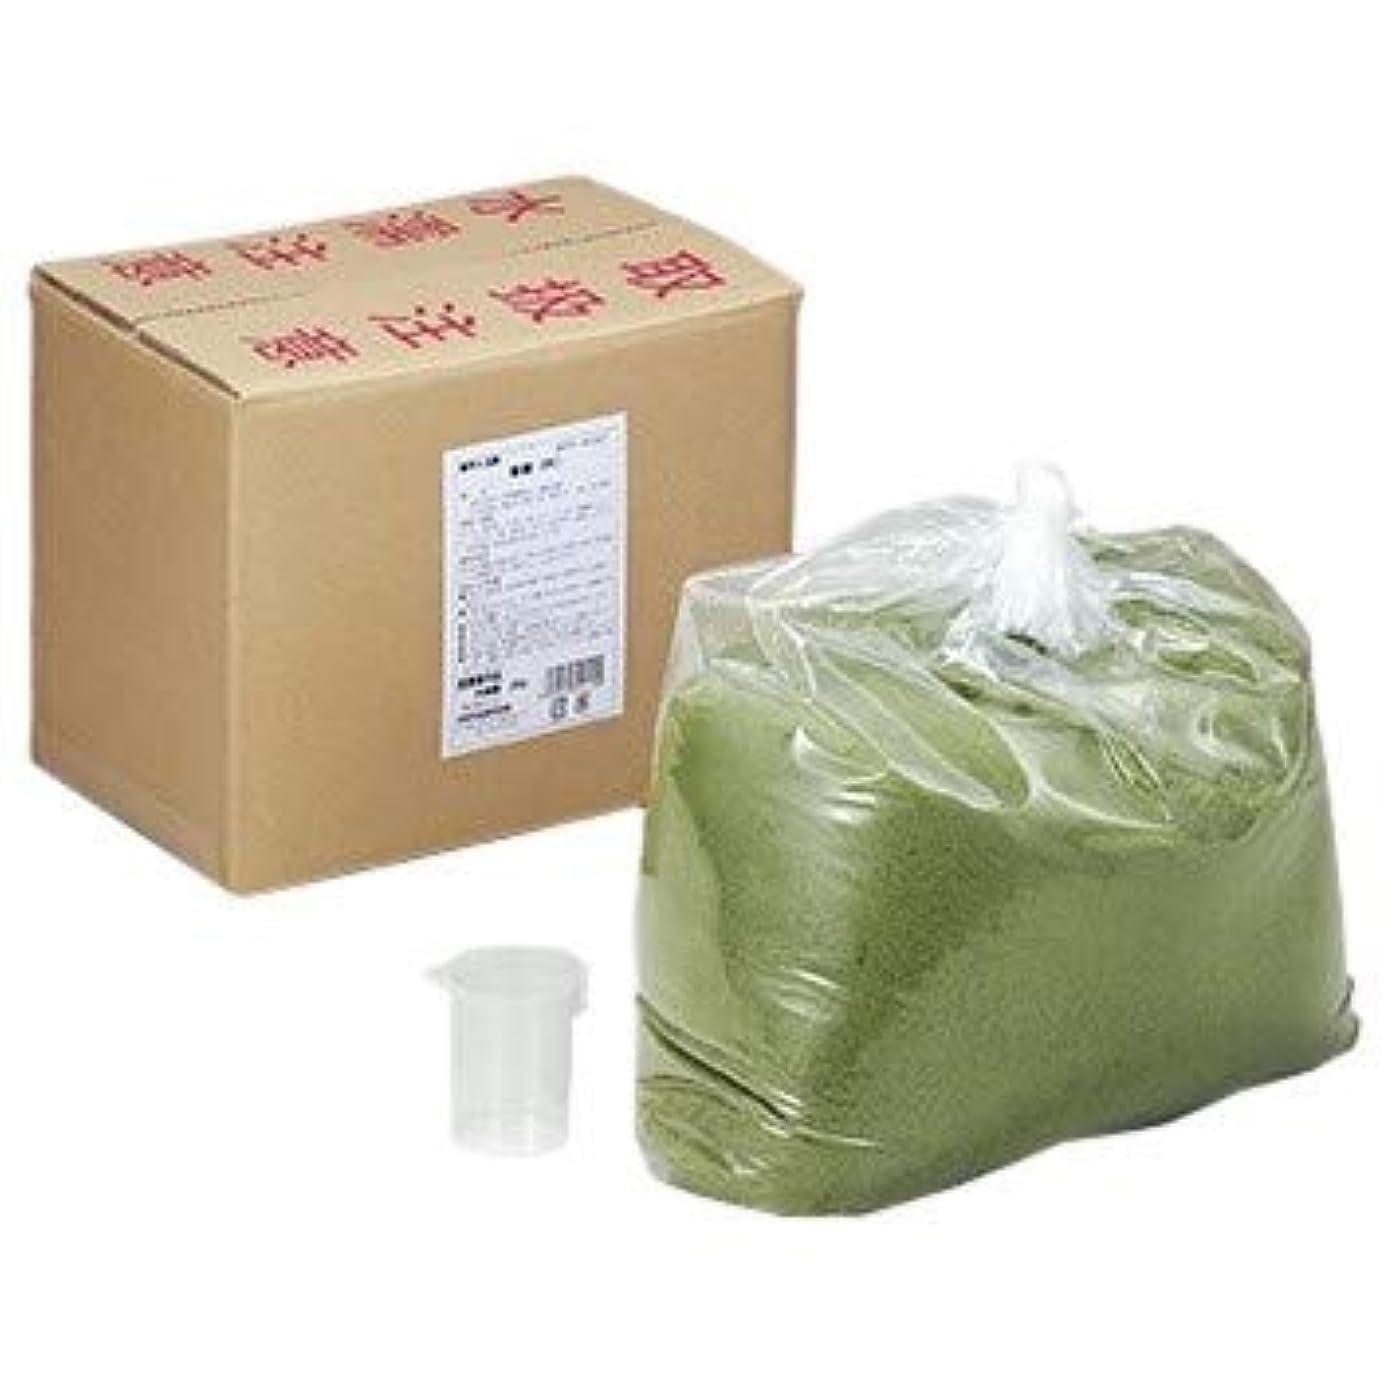 難しい指導する通貨新緑 業務用 20kg 入浴剤 医薬部外品